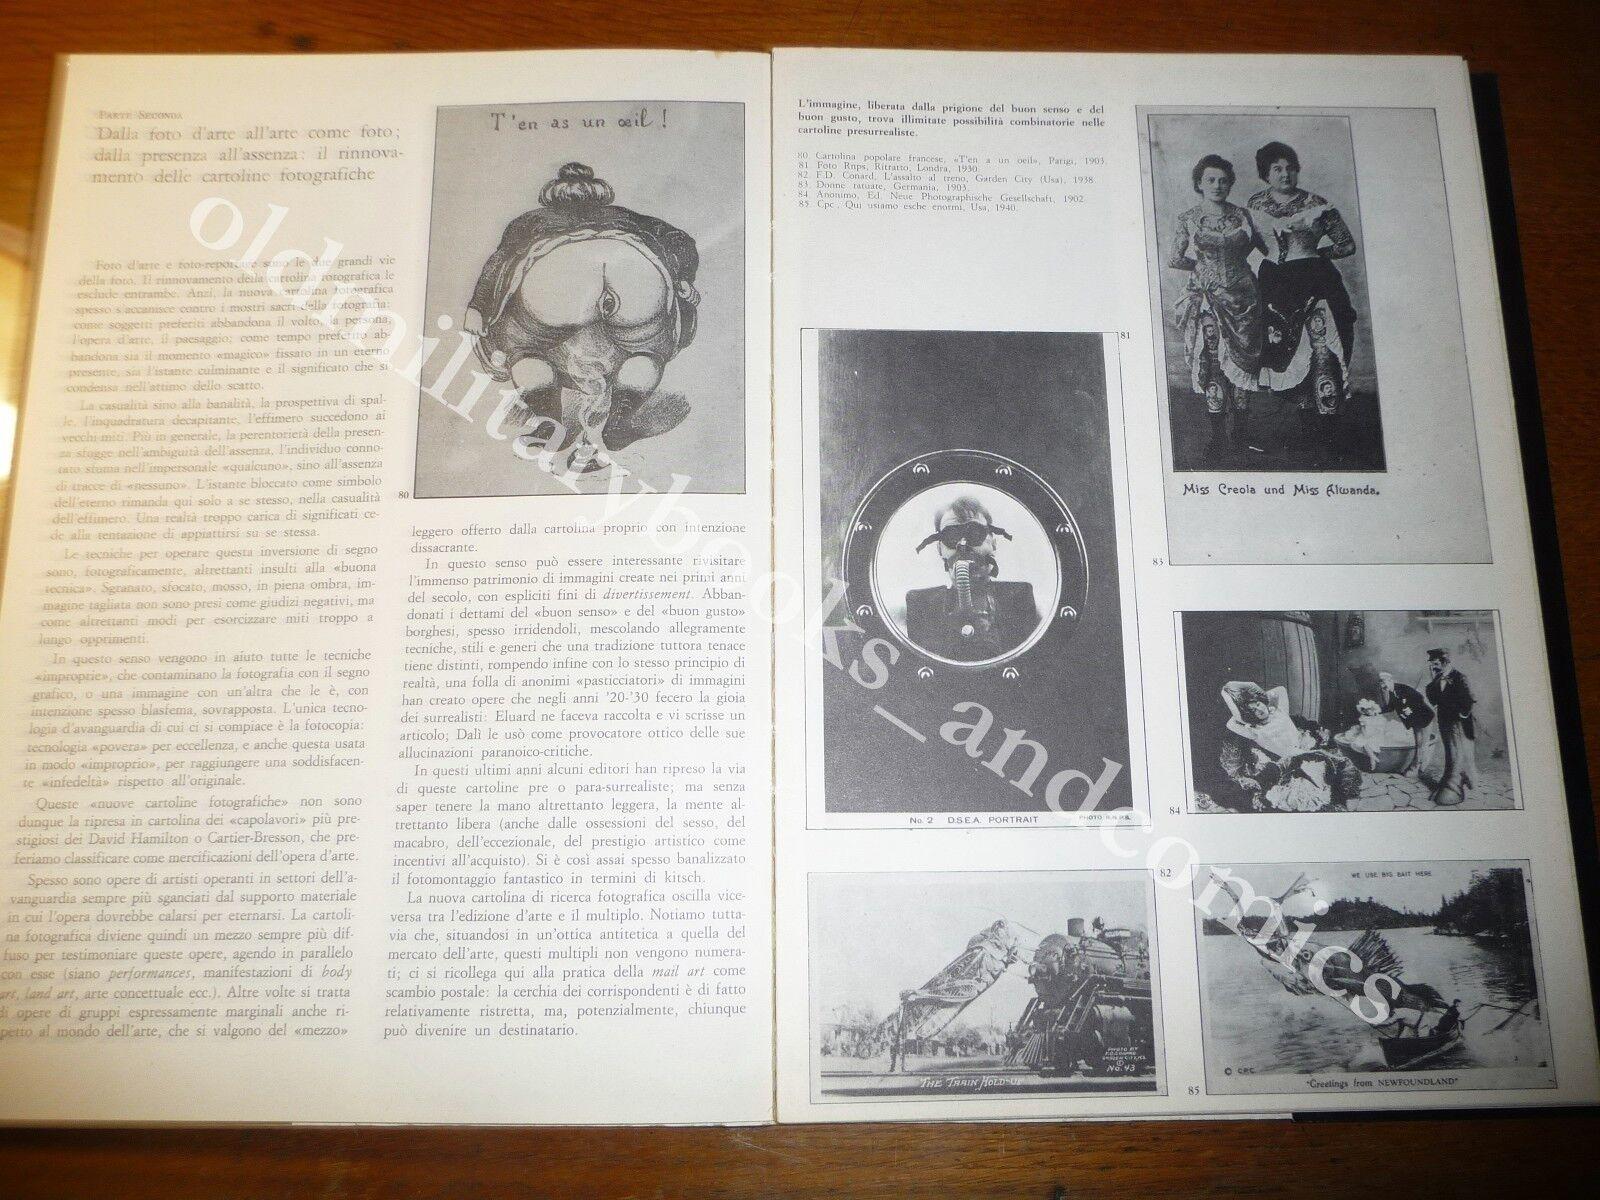 NUOVE CARTOLINE STURANI CATALOGO DELLA MOSTRA DI ROMA DEL 1981 AVANGUARDIA